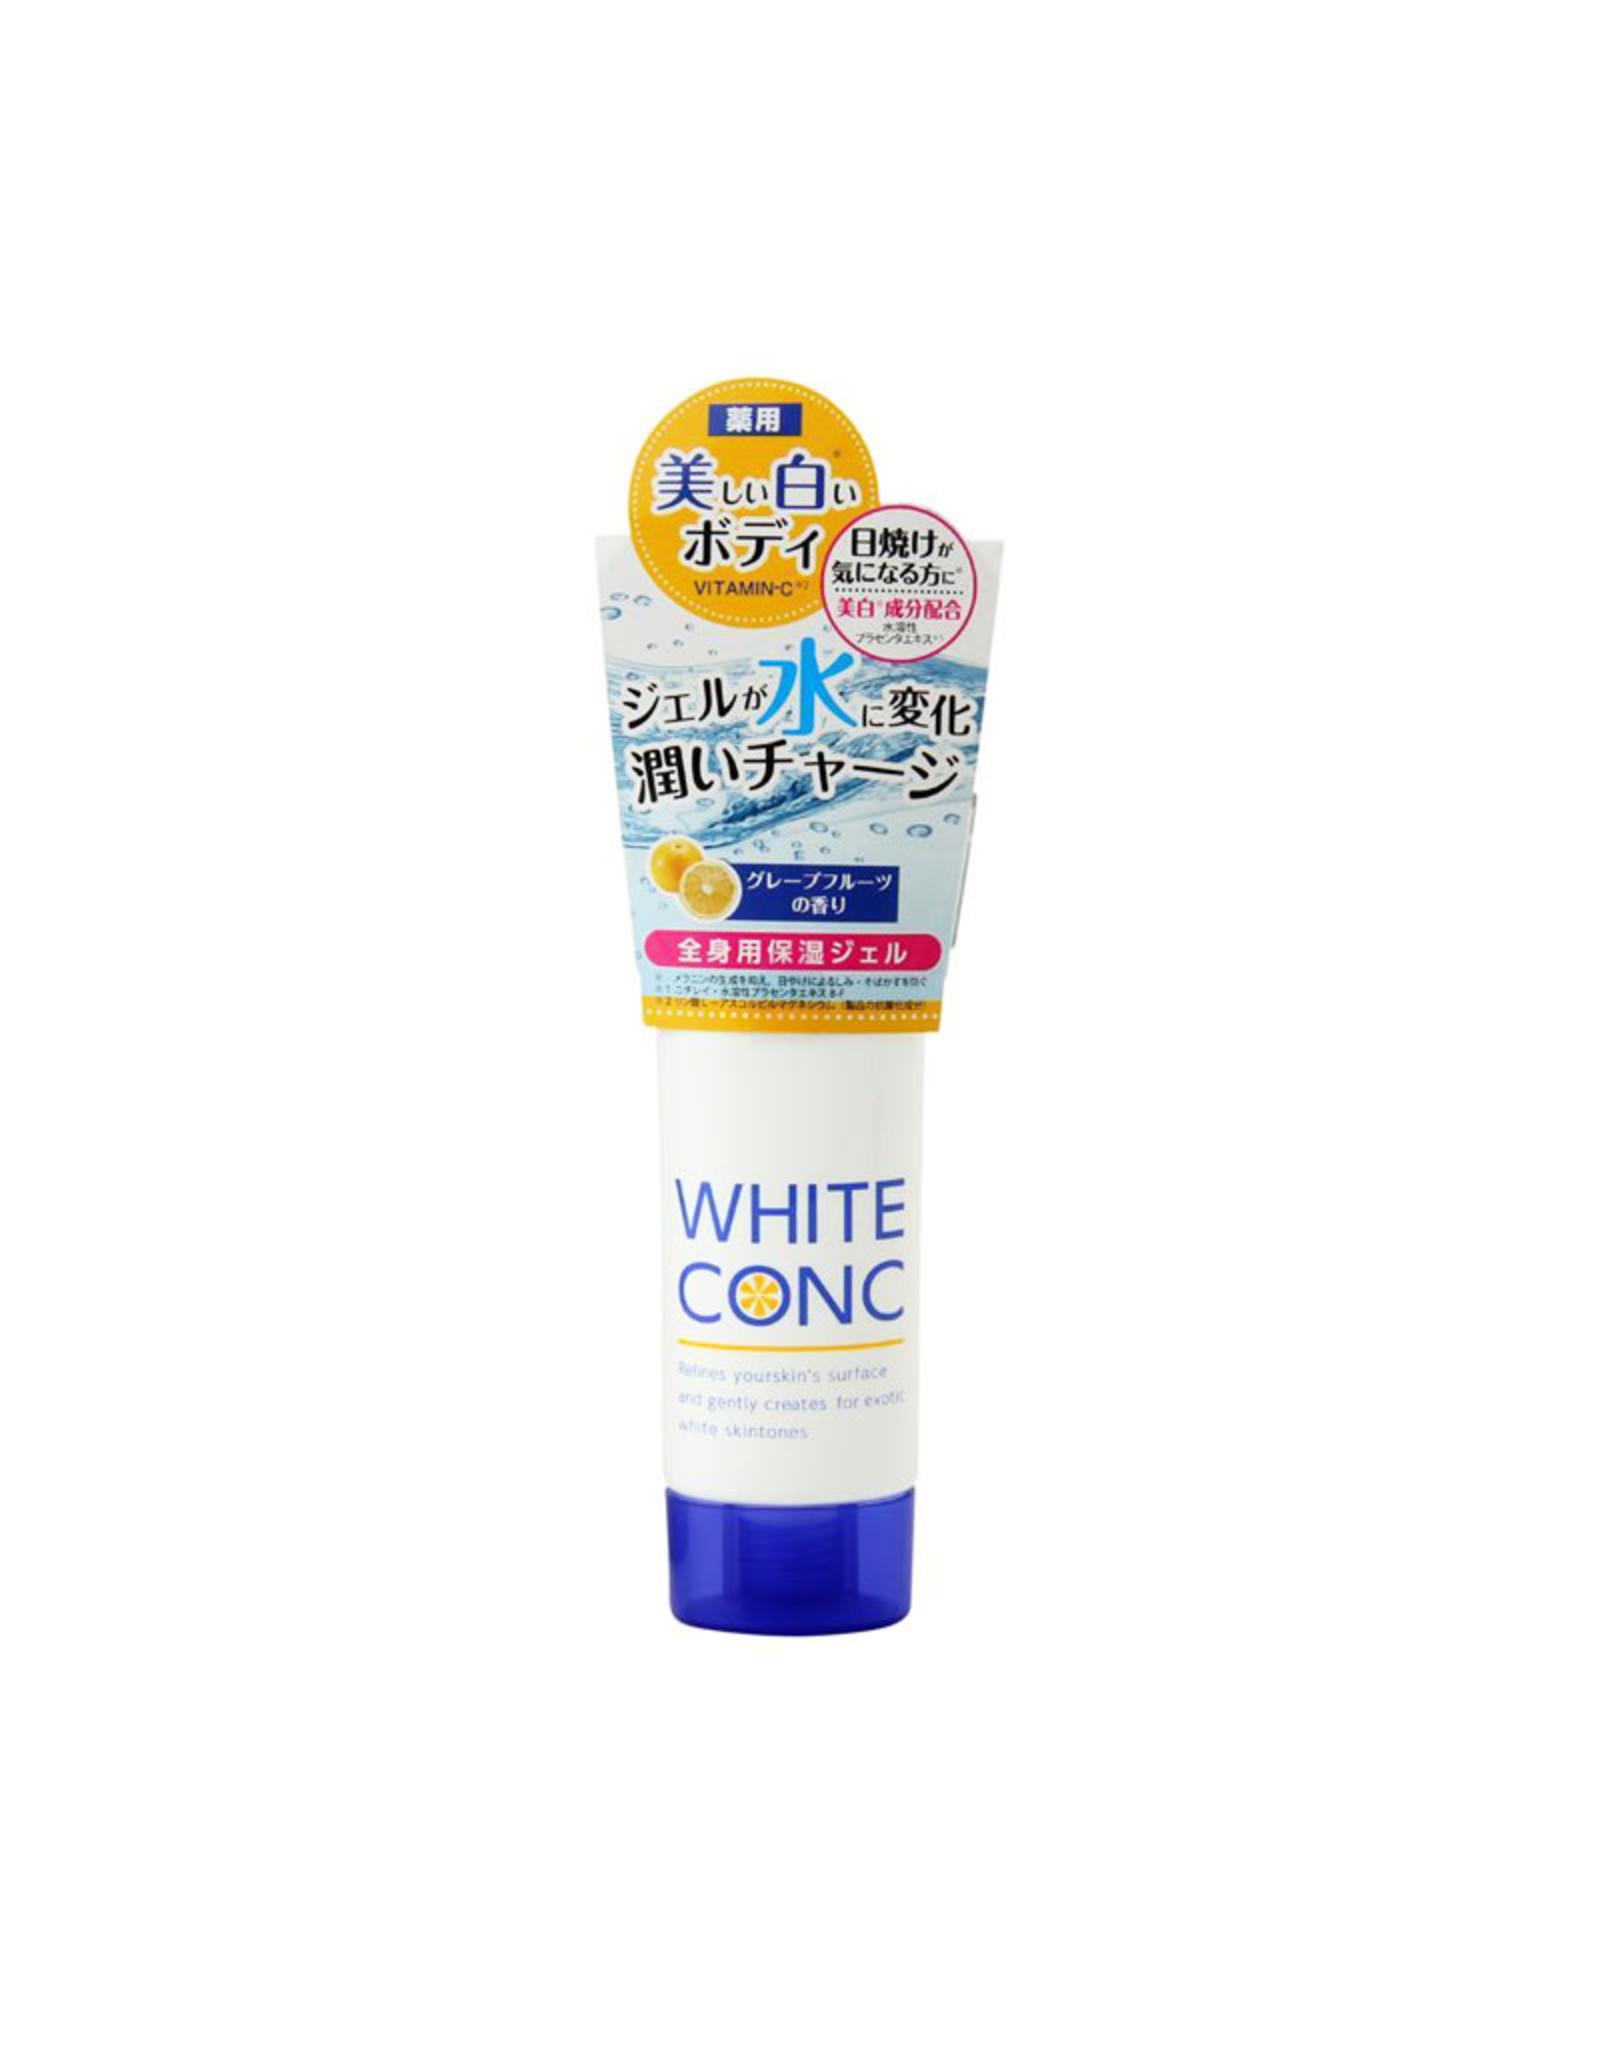 White Conc White Conc Watery Cream